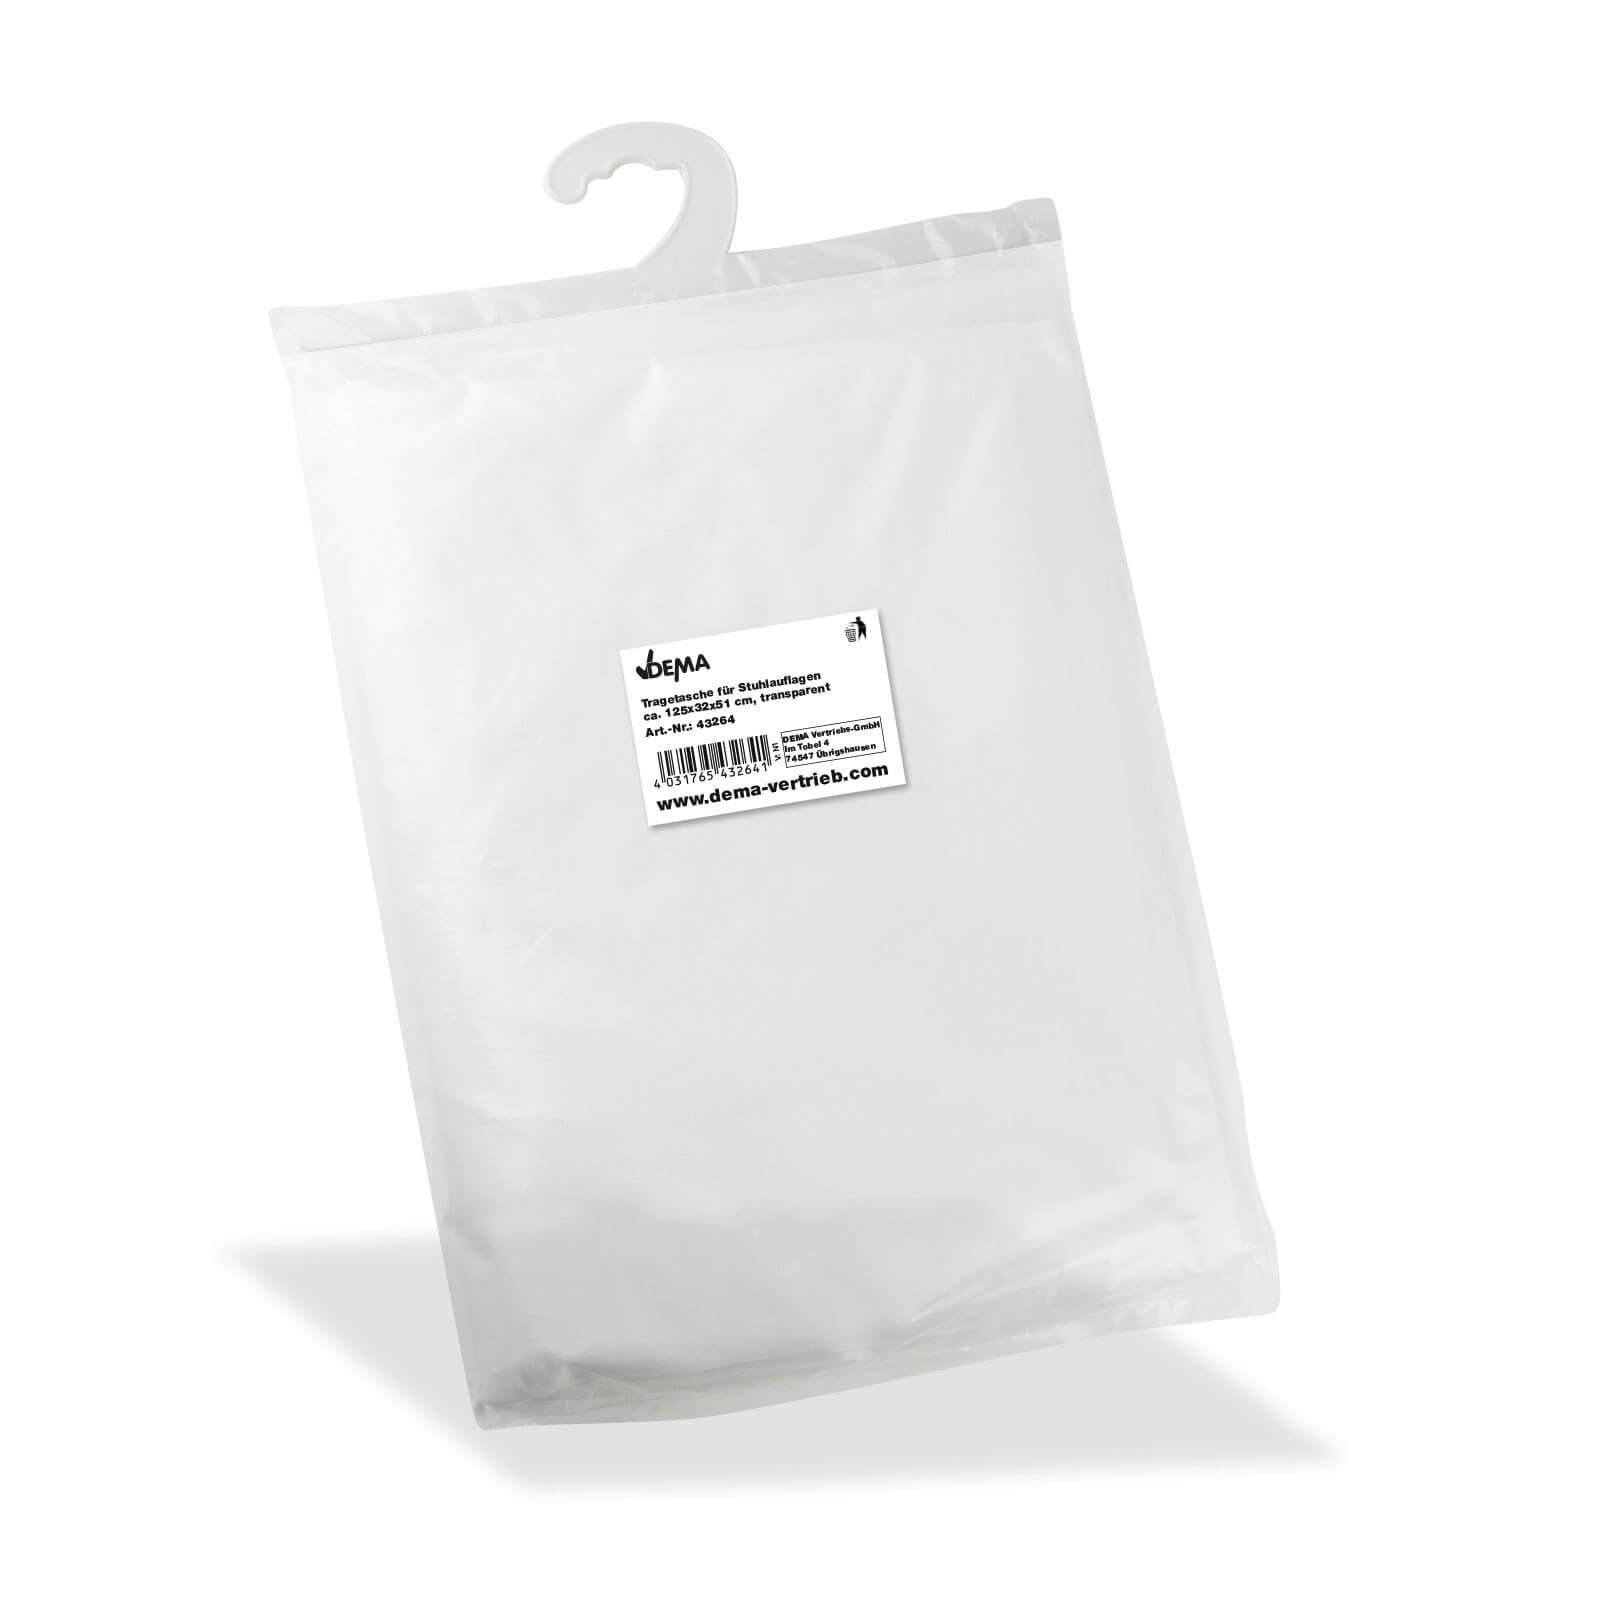 Dema Tragetasche / Tasche für Stuhlauflagen 125x32x51 cm 43264